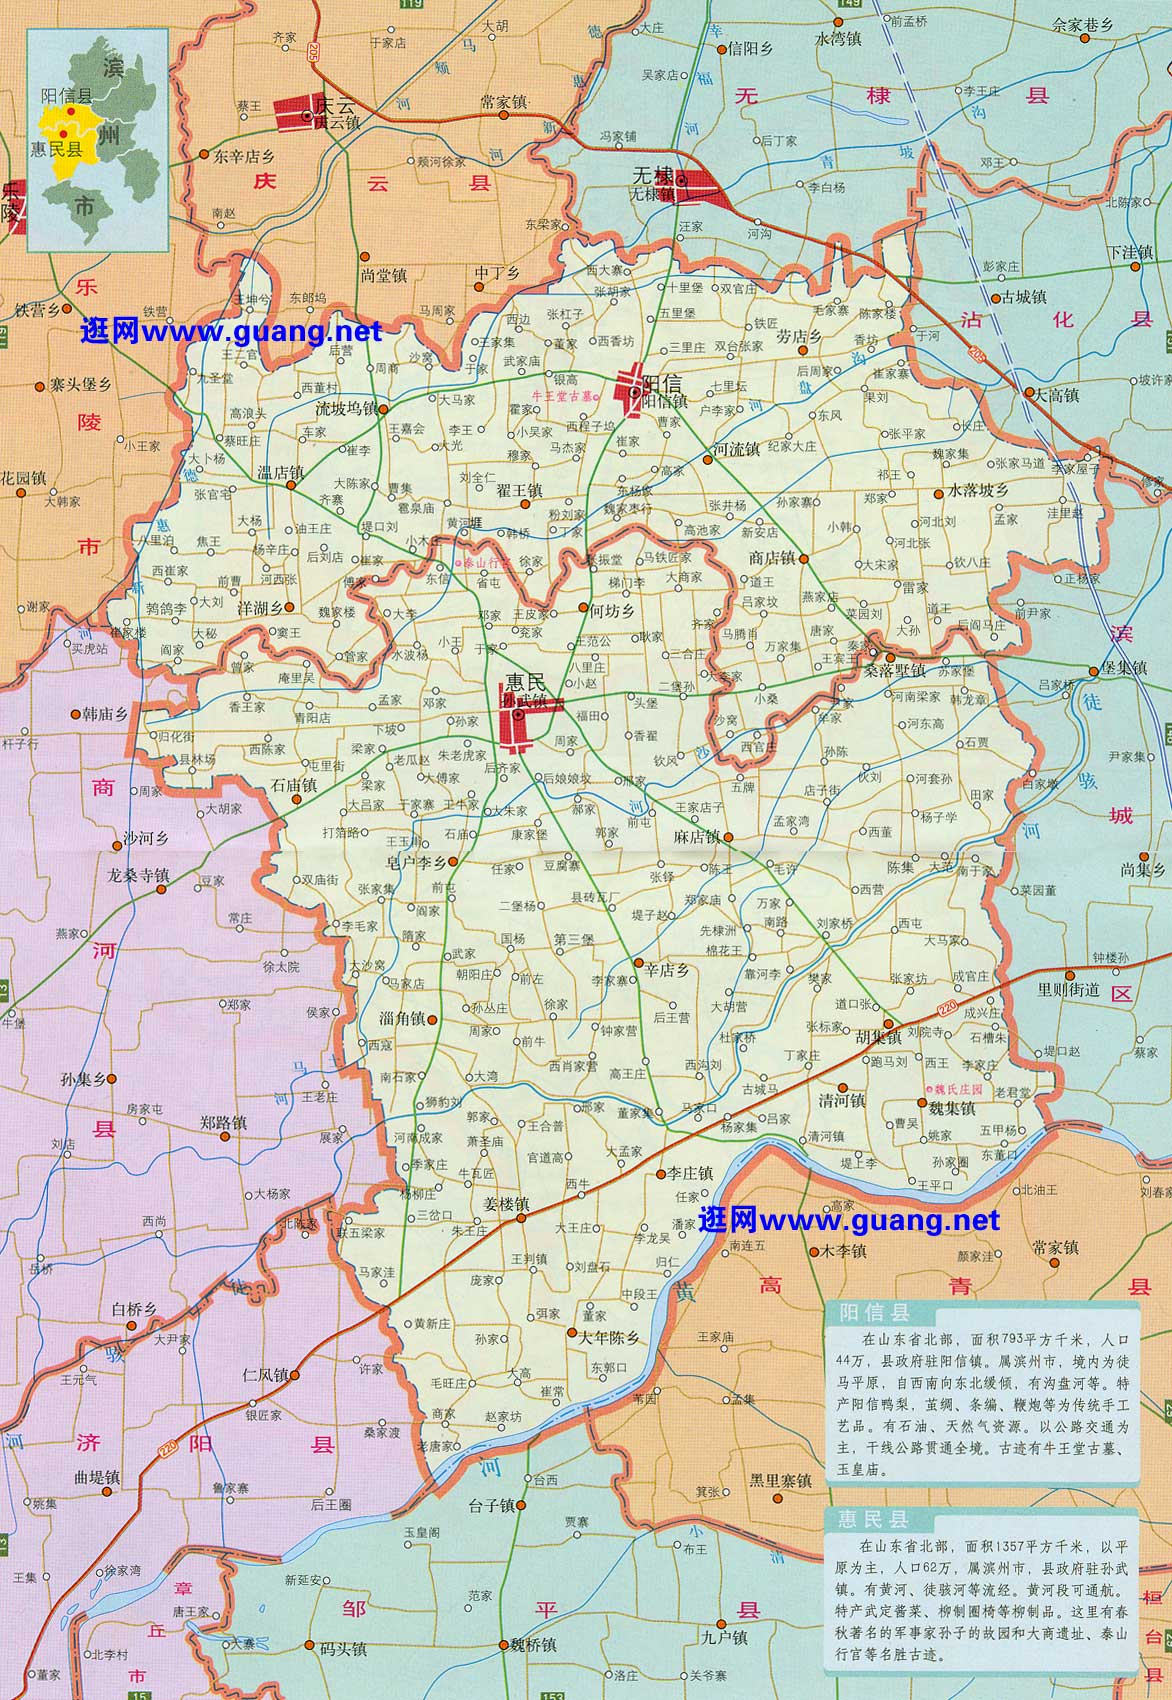 2015年版阳信地图,惠民地图